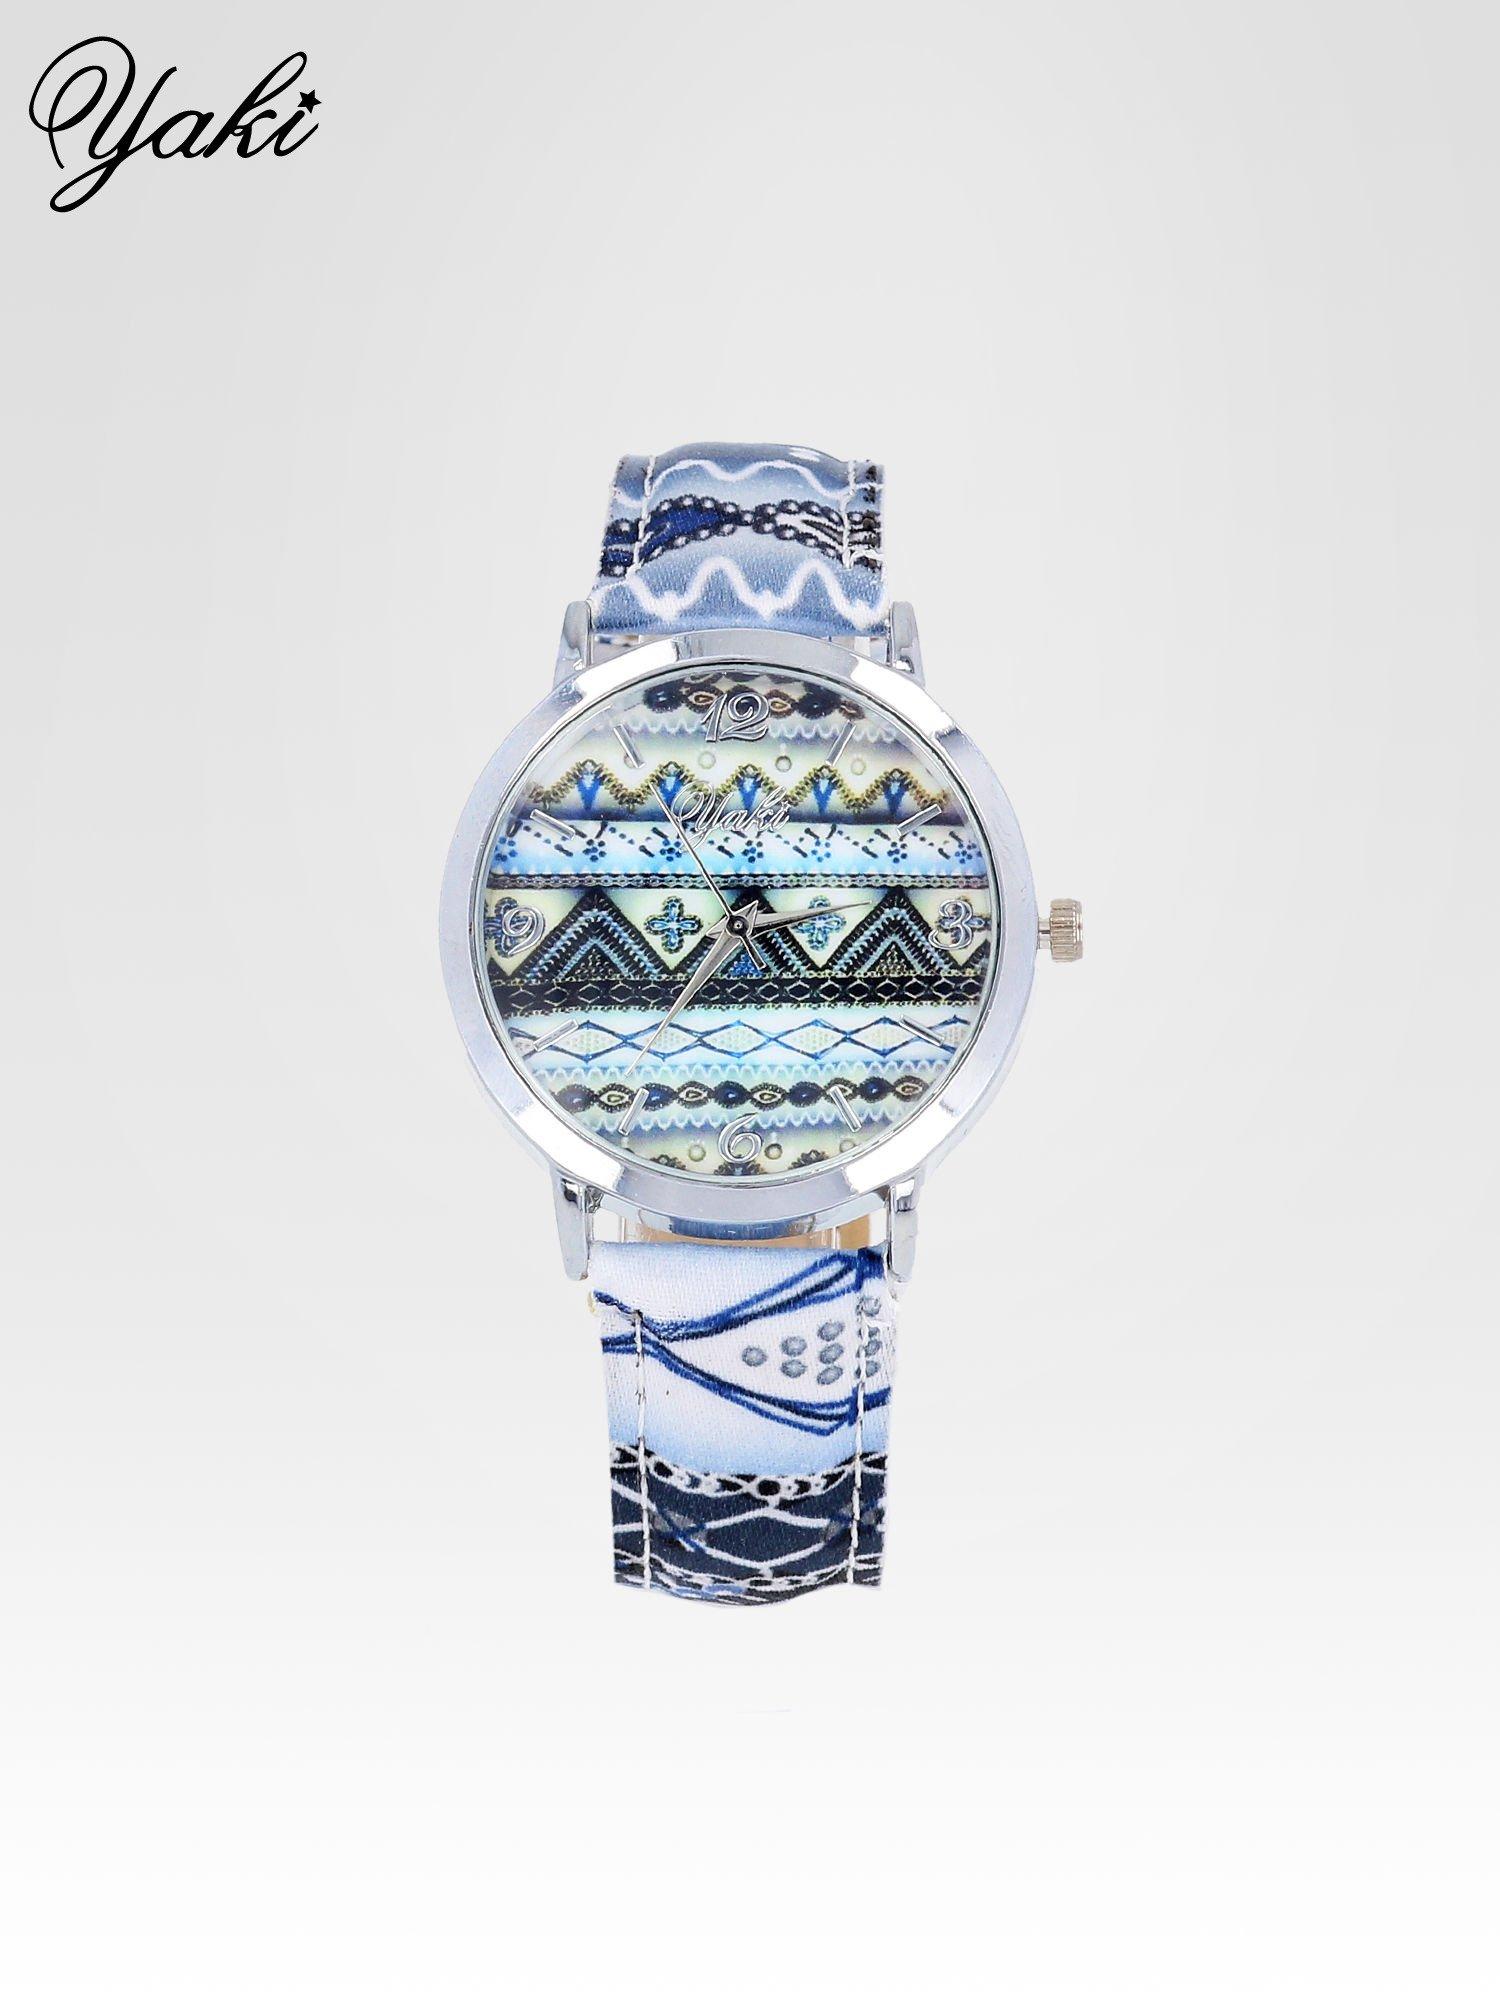 Niebieski zegarek damski z motywem azteckim                                  zdj.                                  1